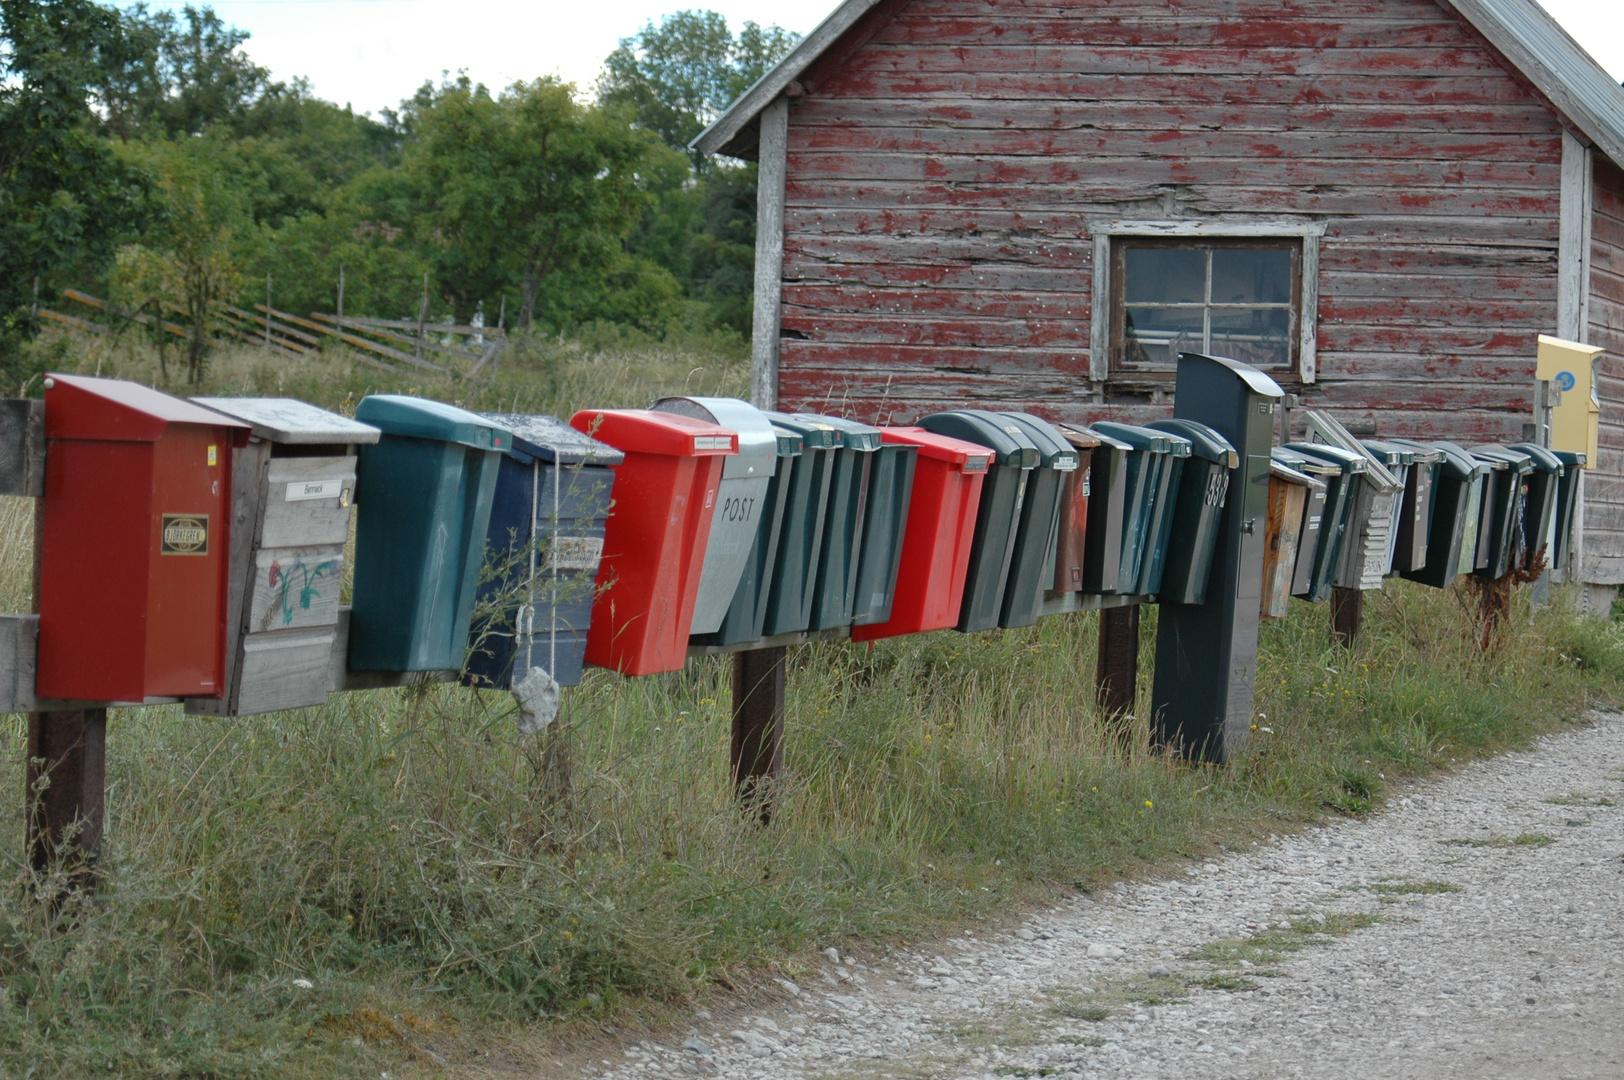 Ich erwarte viel Post ;-)